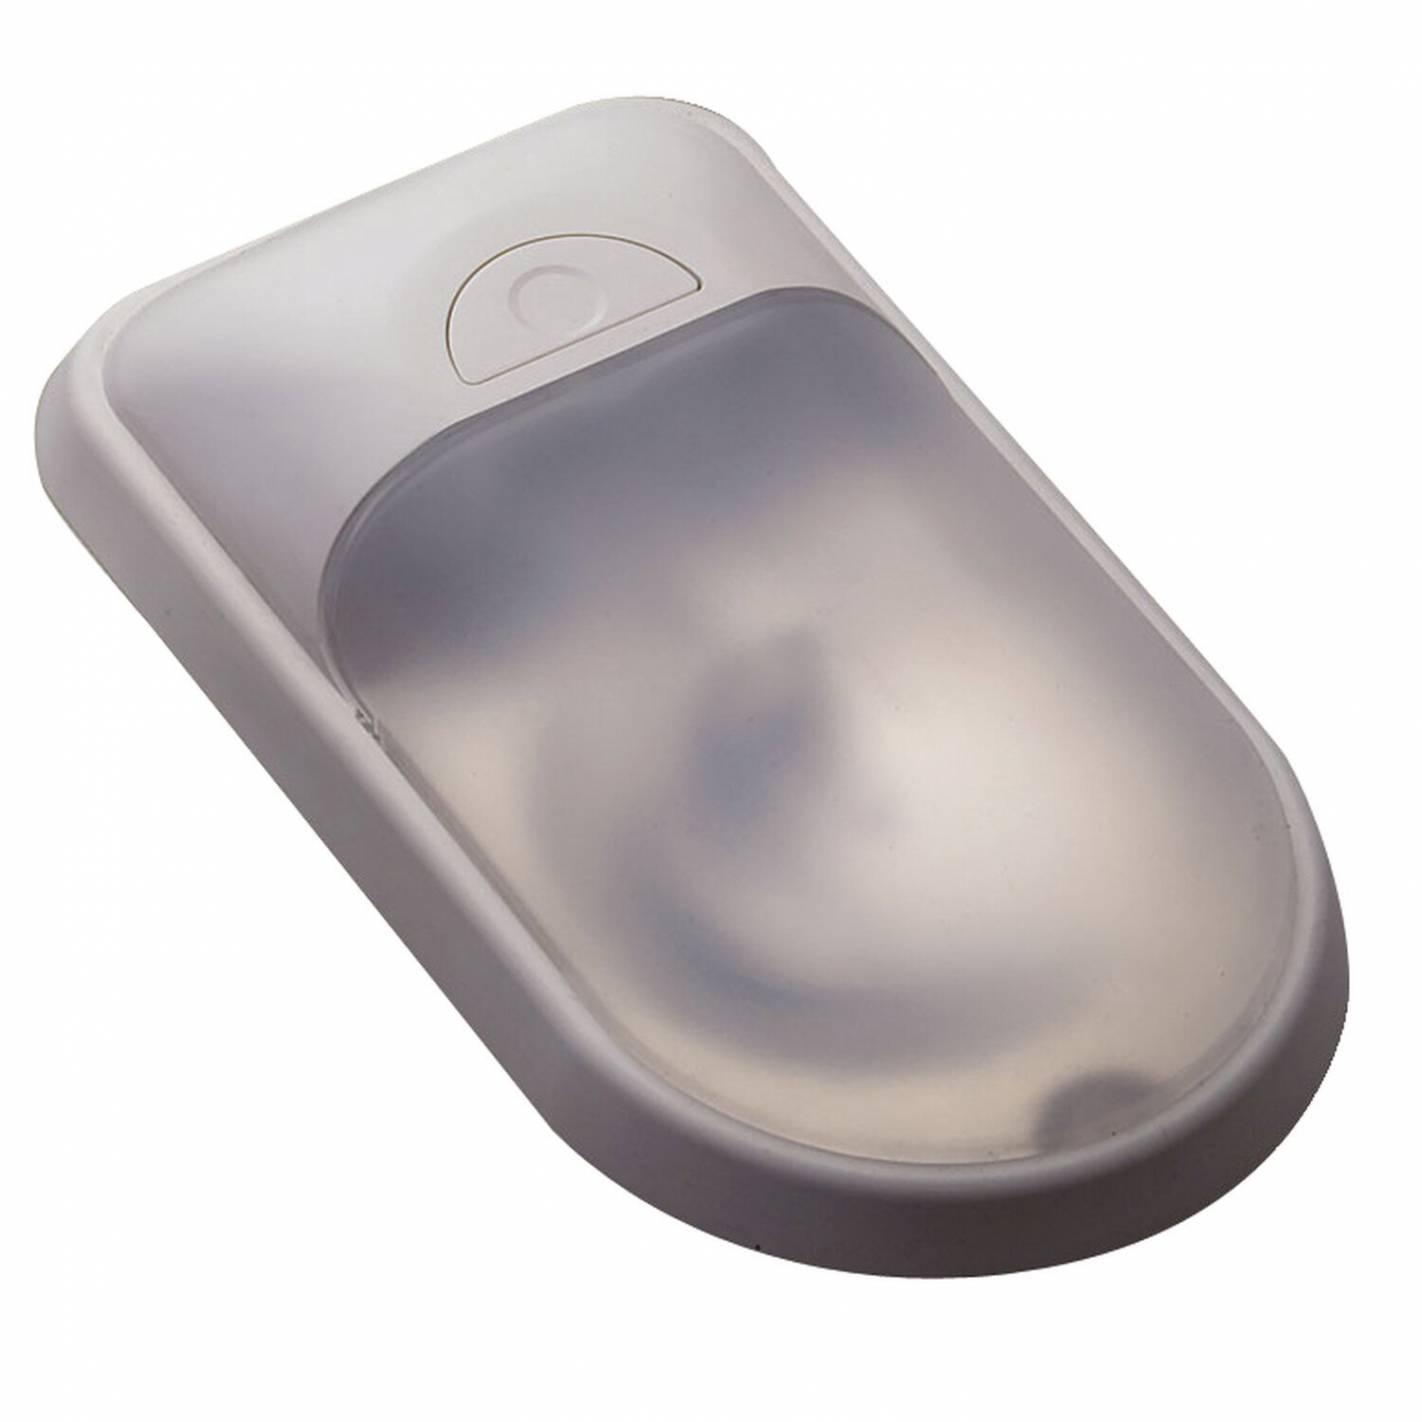 plafonnier à leds simple gris - inovtech